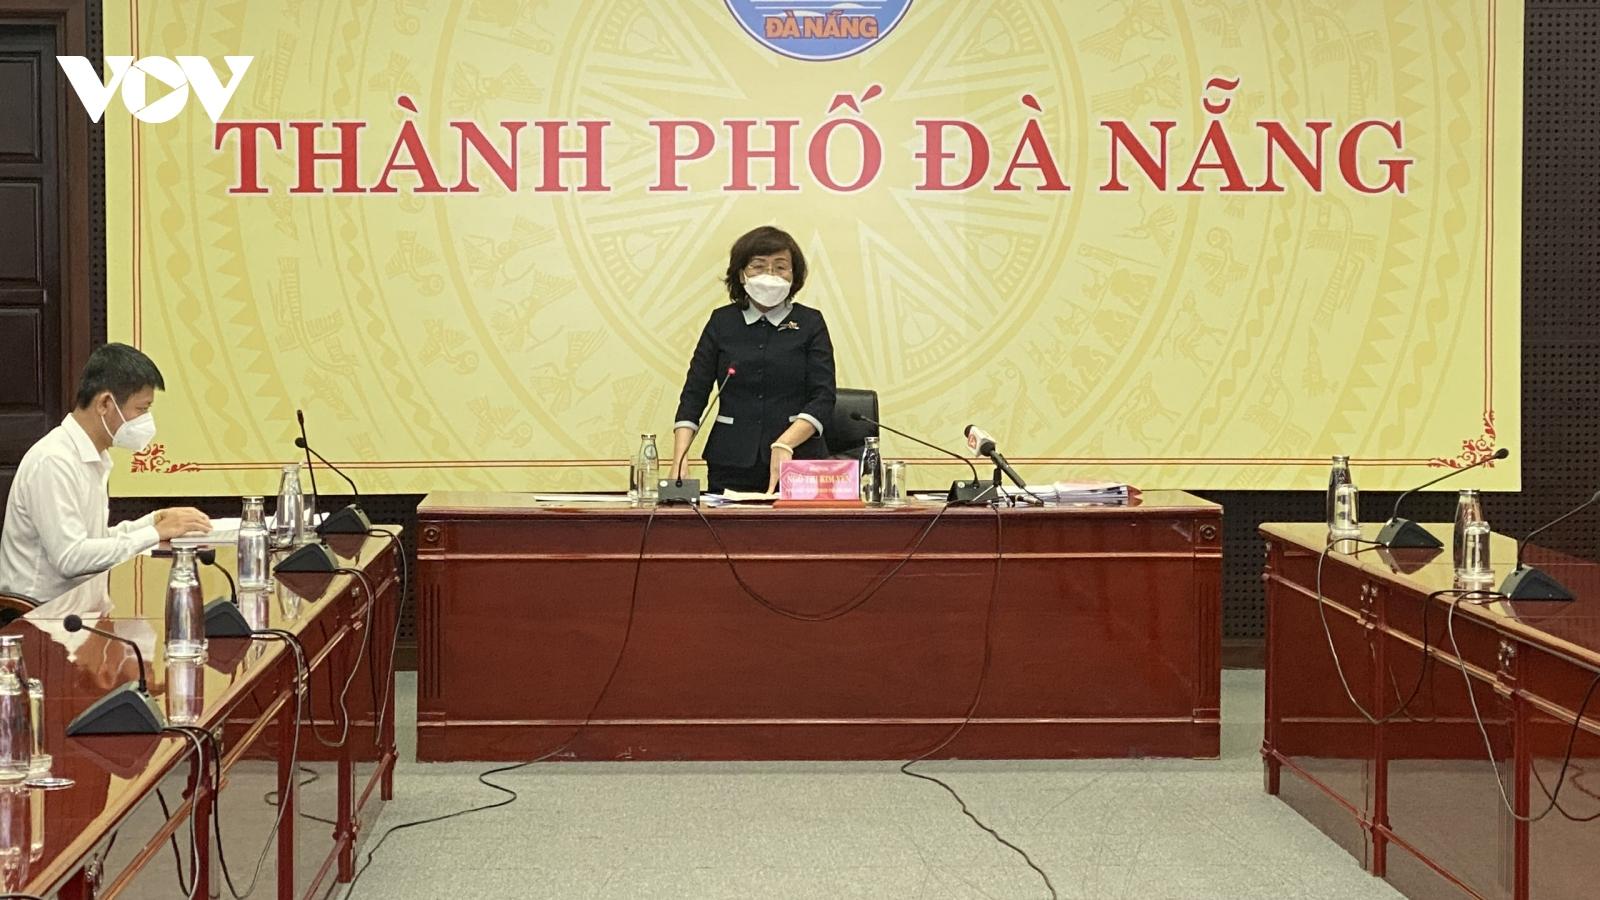 Đà Nẵng sẽ ban hành văn bản quy định thủ tục đối với người ra vào thành phố